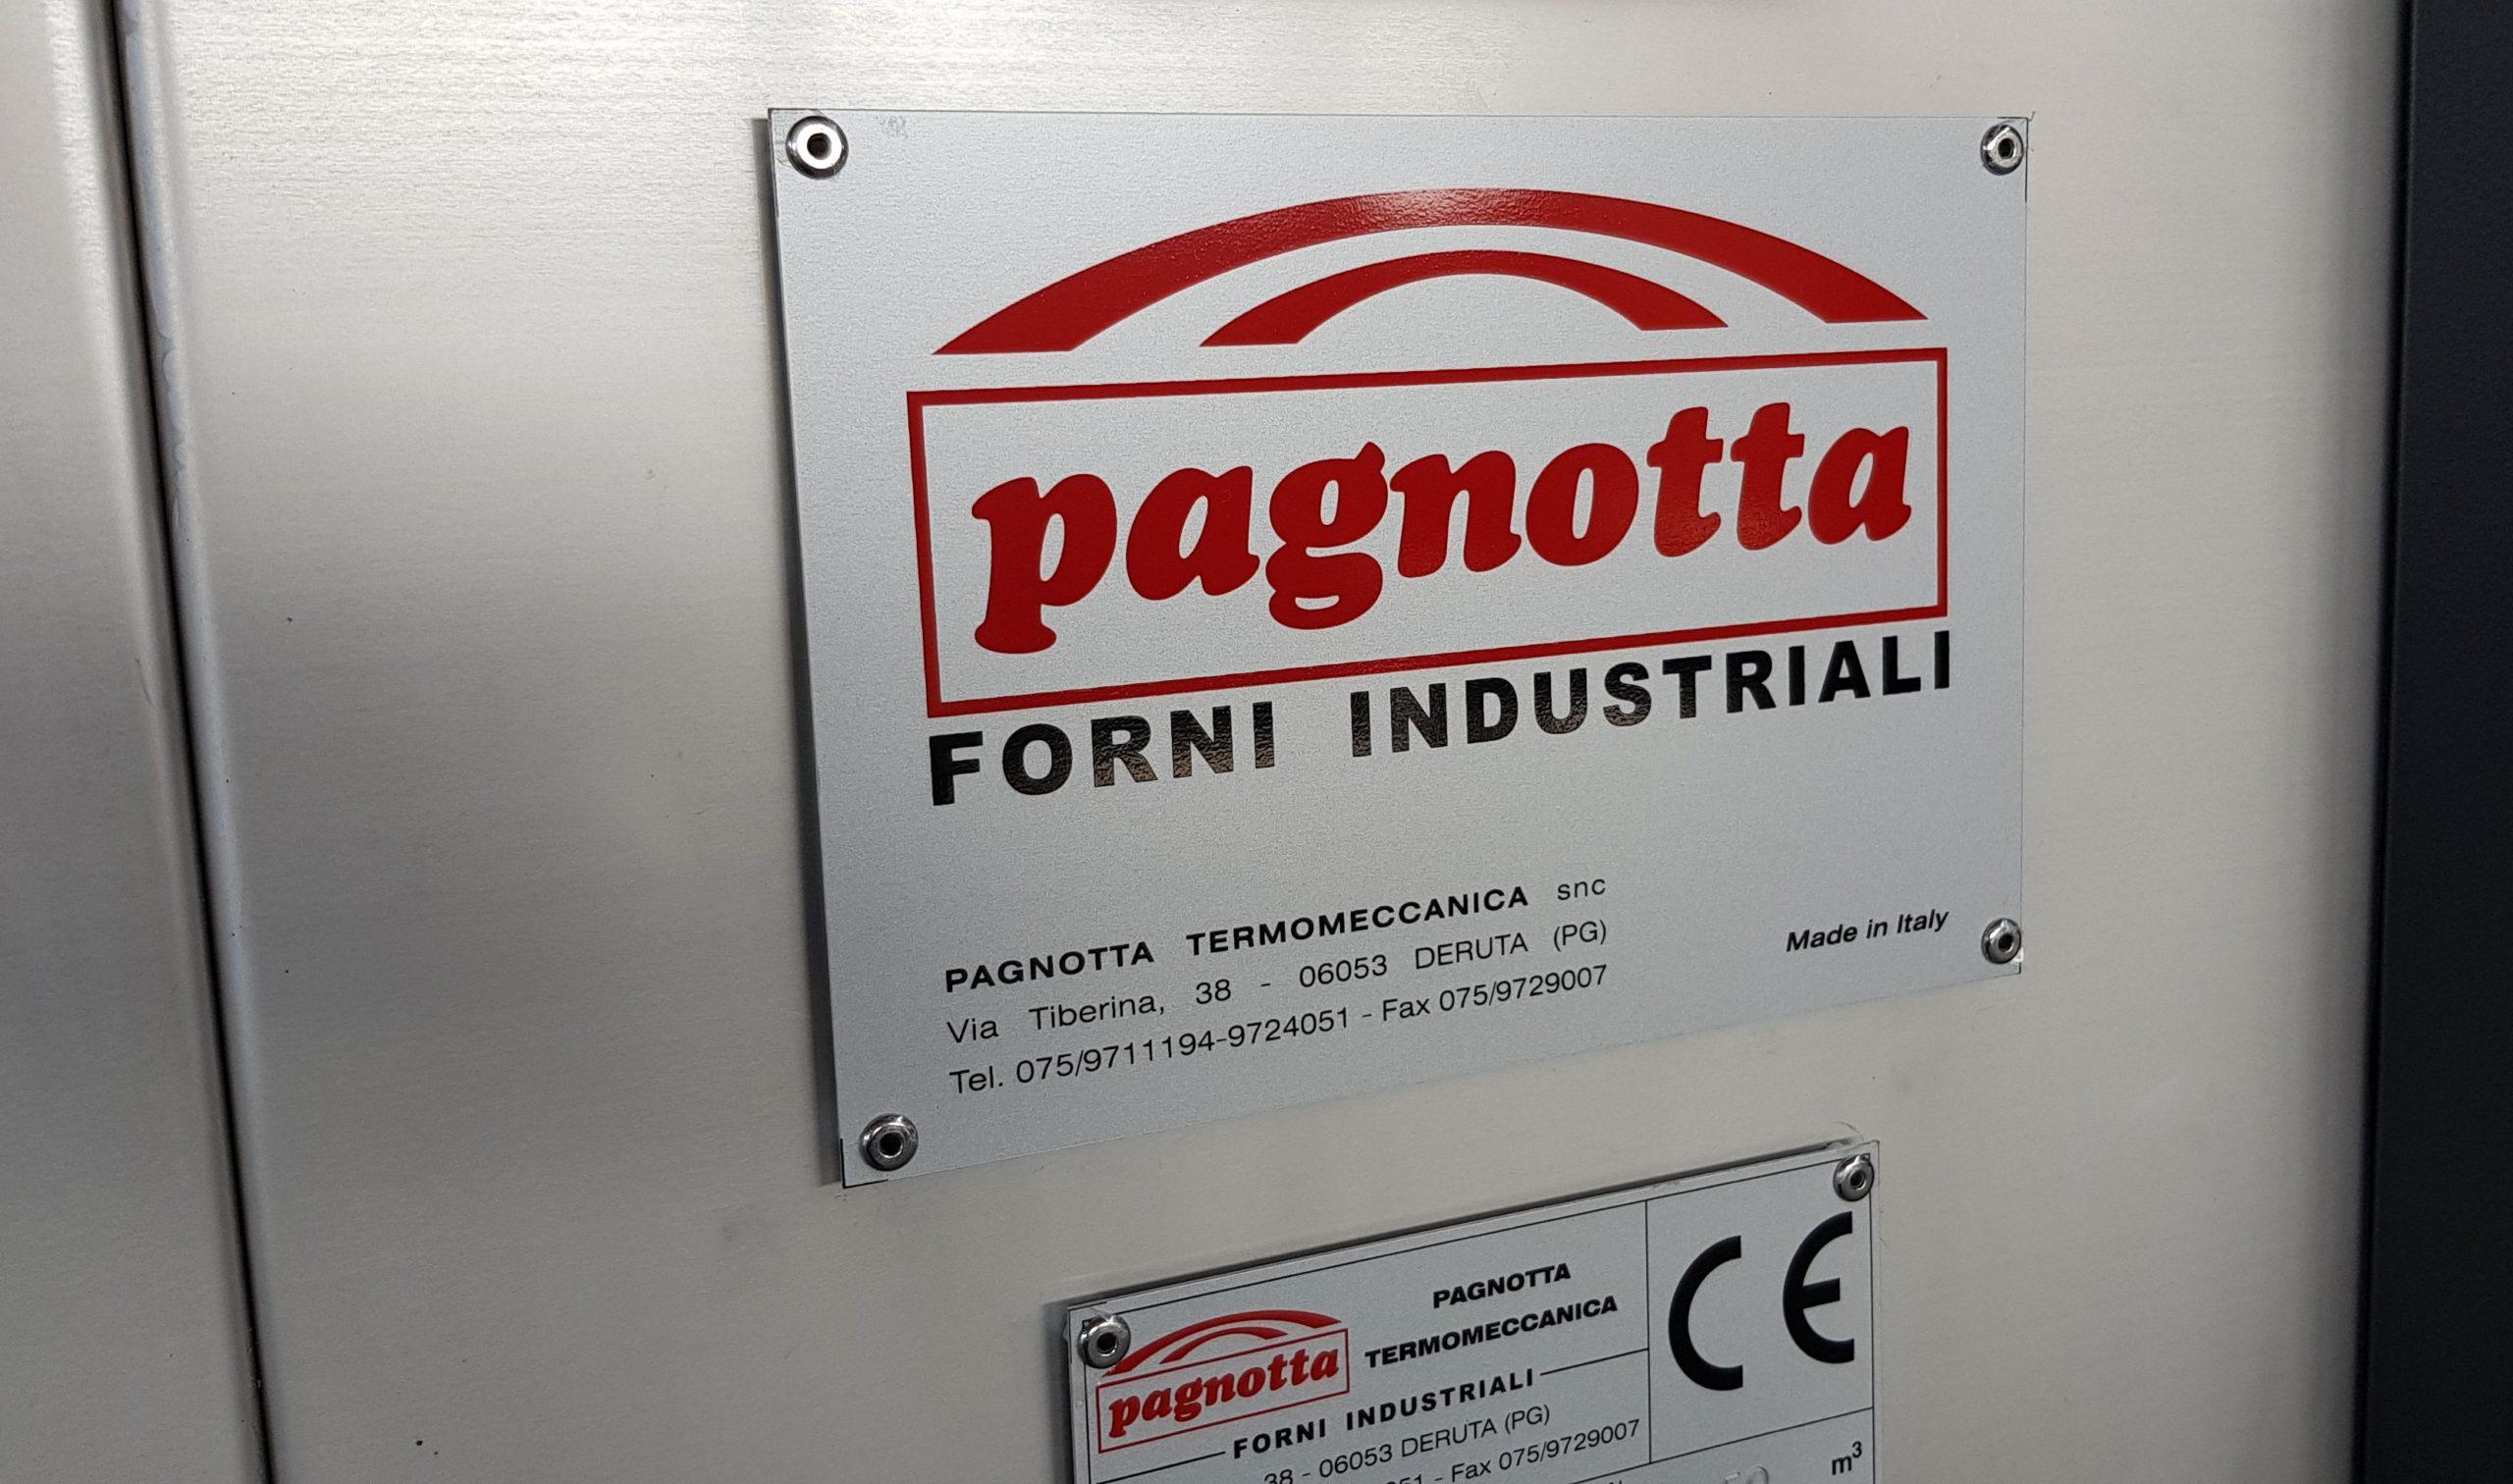 Forni industriali - Pagnotta Termomeccanica